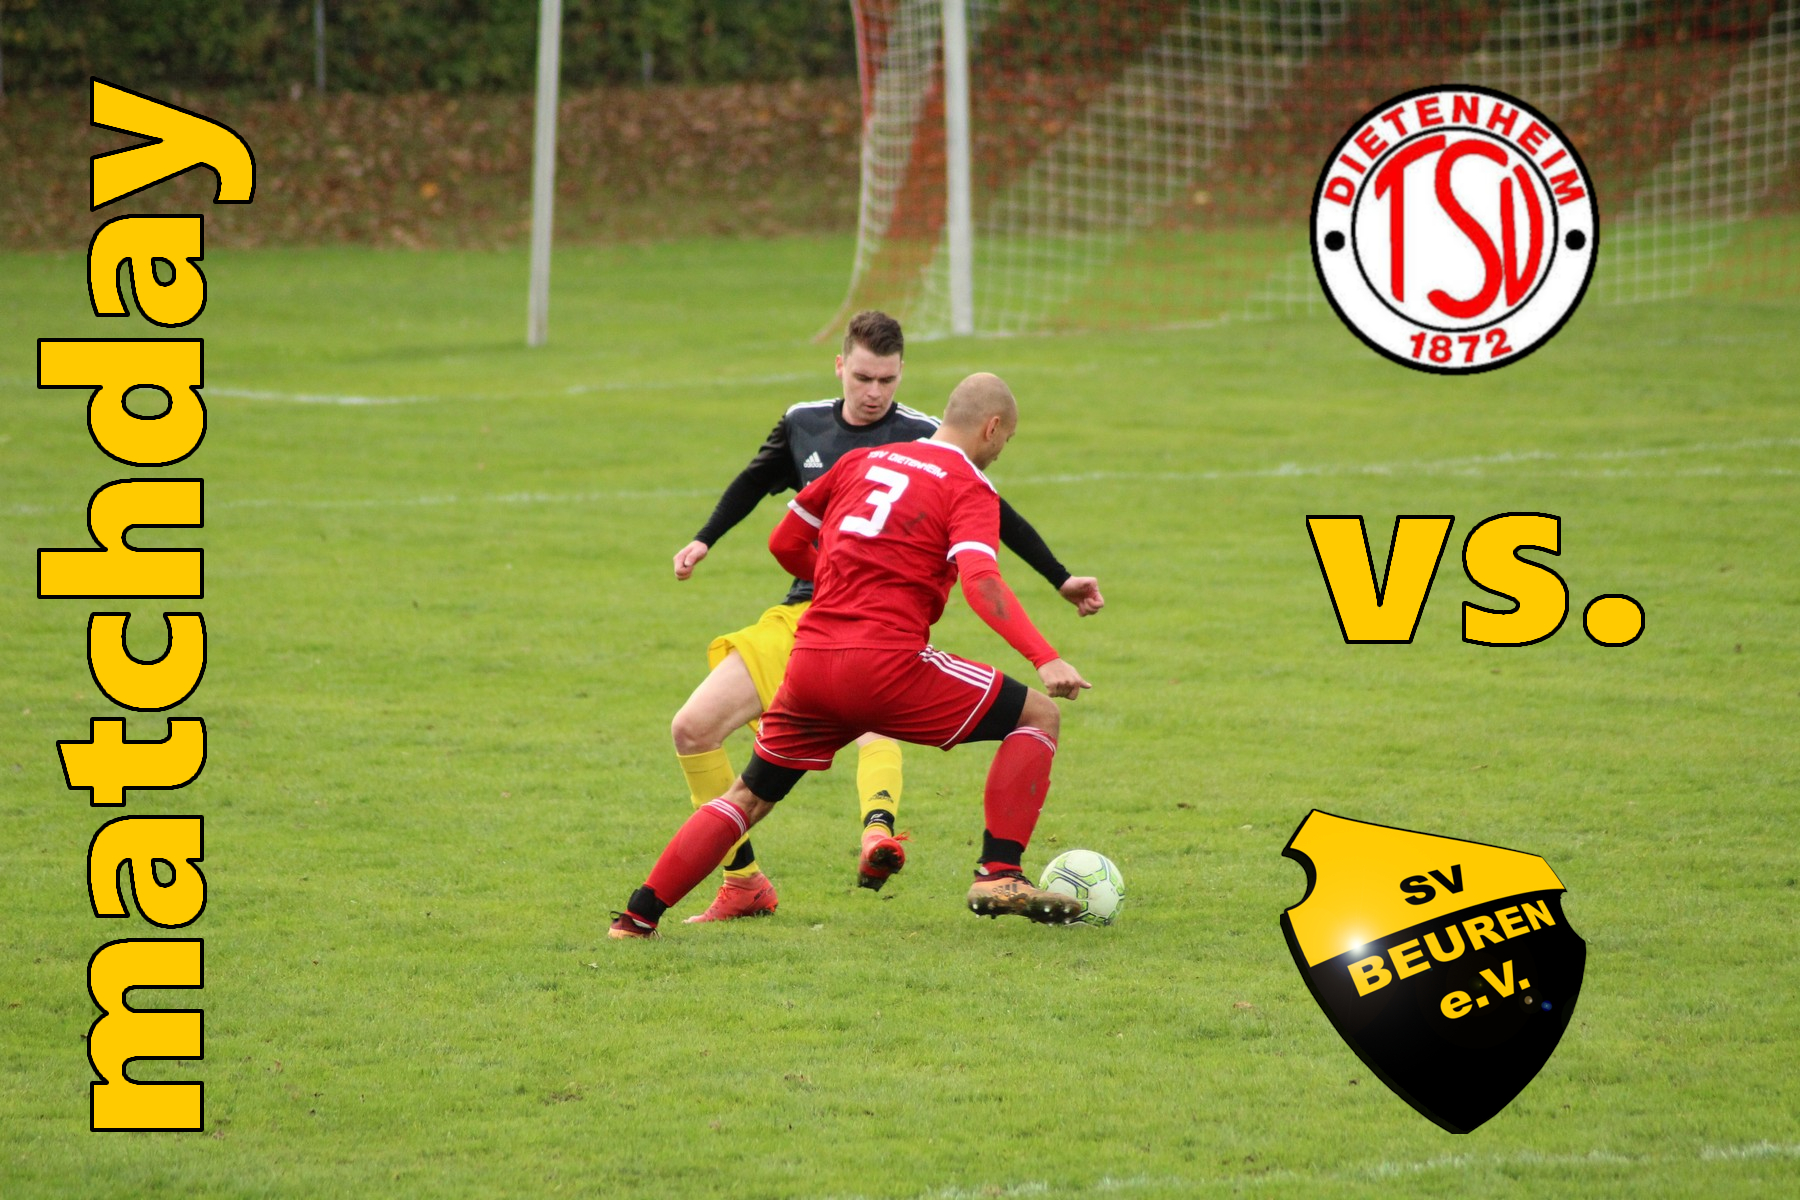 19.09.2021 - TSV Dietenheim - SV Beuren